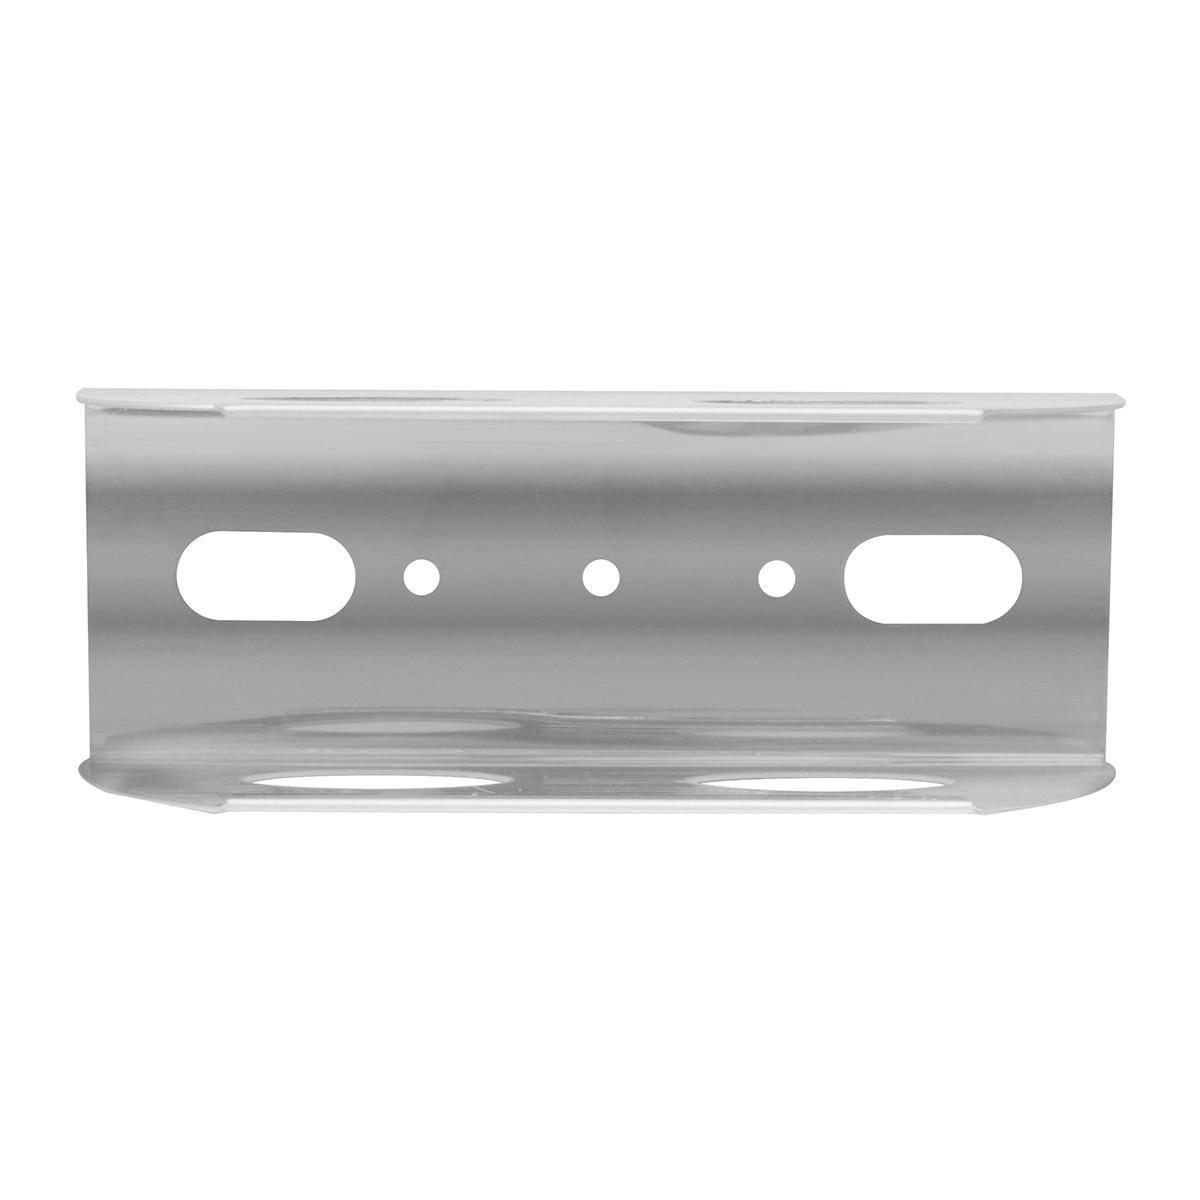 80014 Stainless Steel Lens Guard for Oblong 2 Bulb Marker Lights